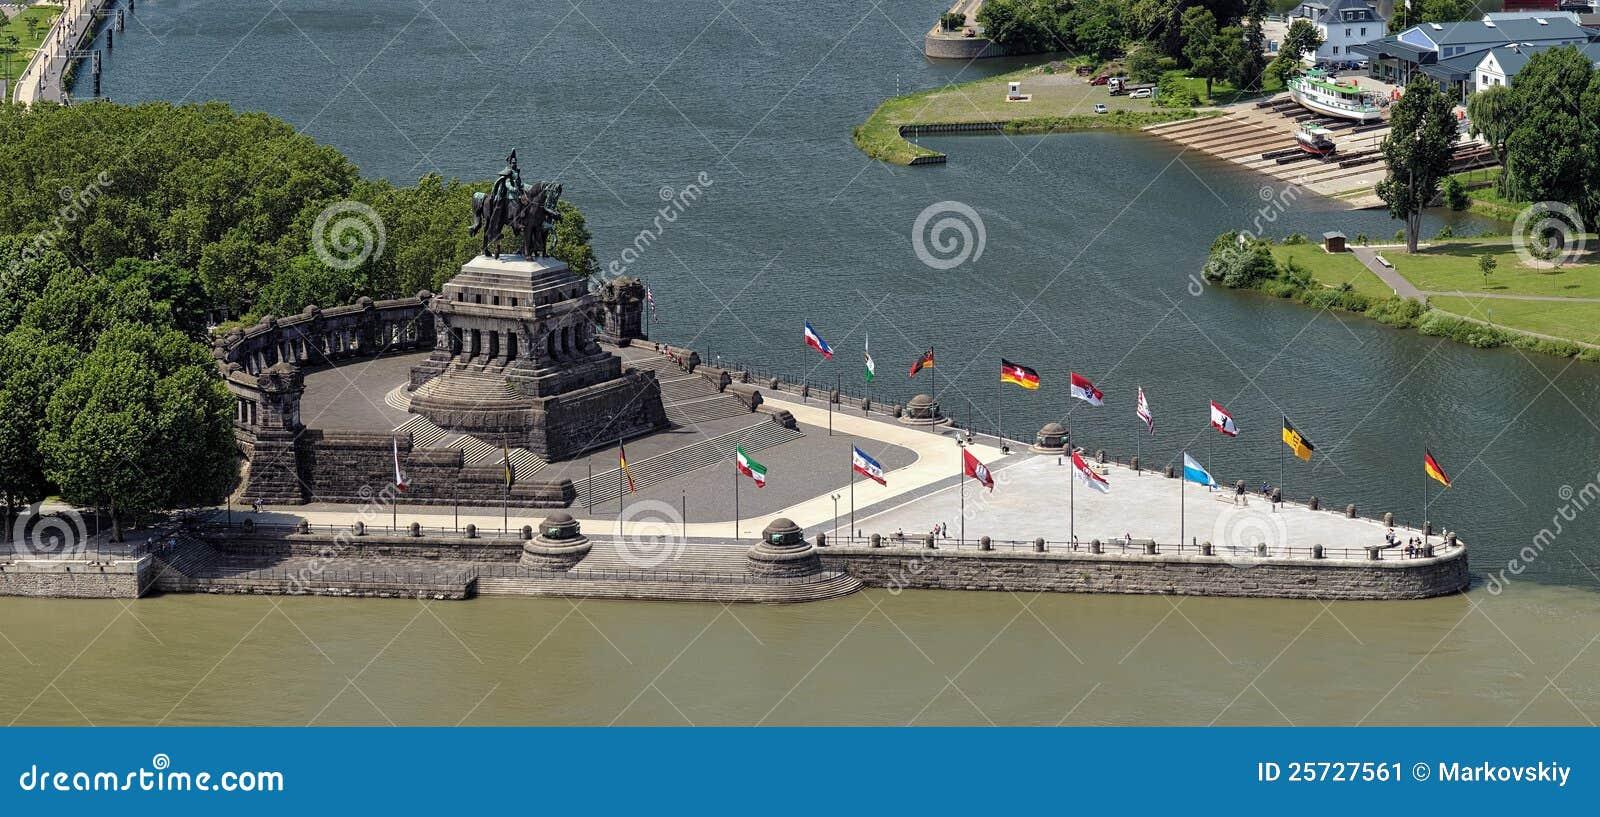 German Corner (Deutsches Eck) in Koblenz, Germany